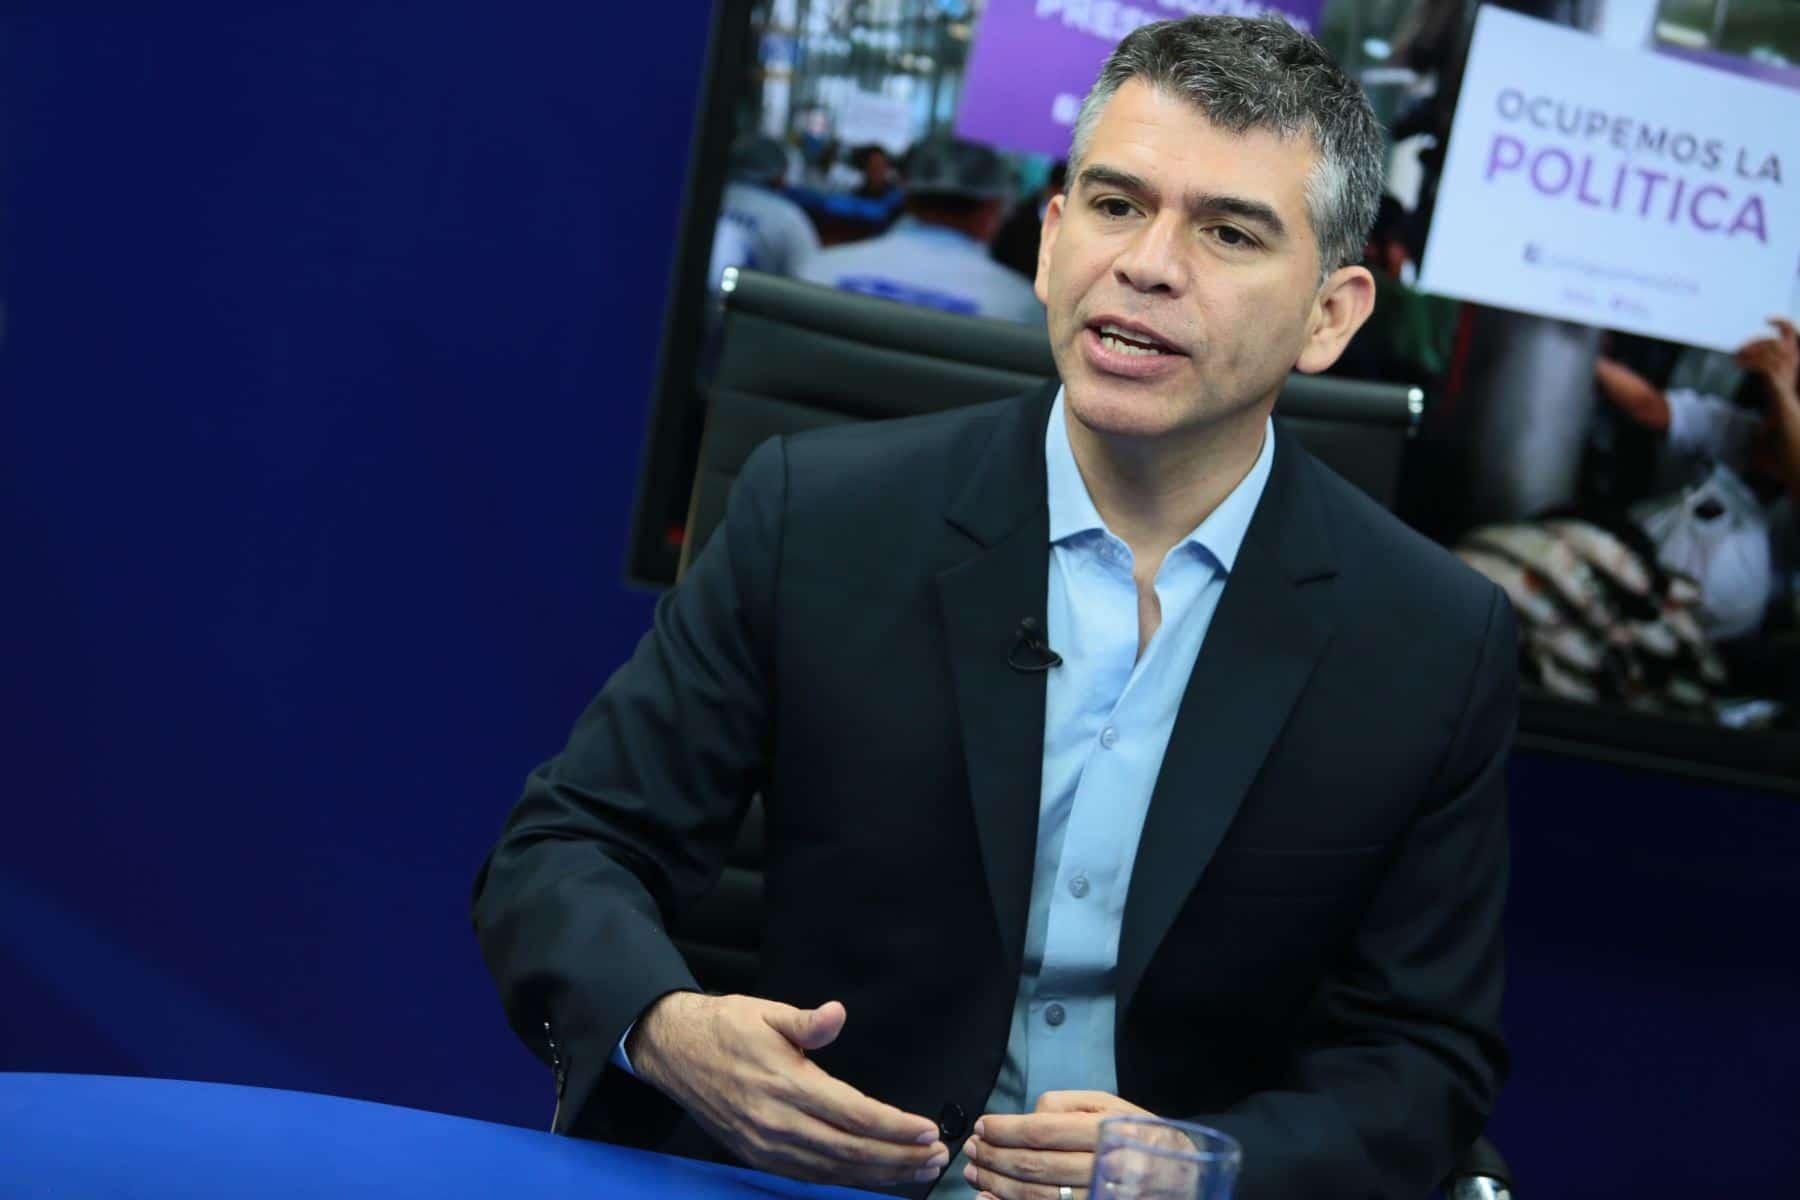 Fiscalía abre investigación por lavado de activos a Guzmán